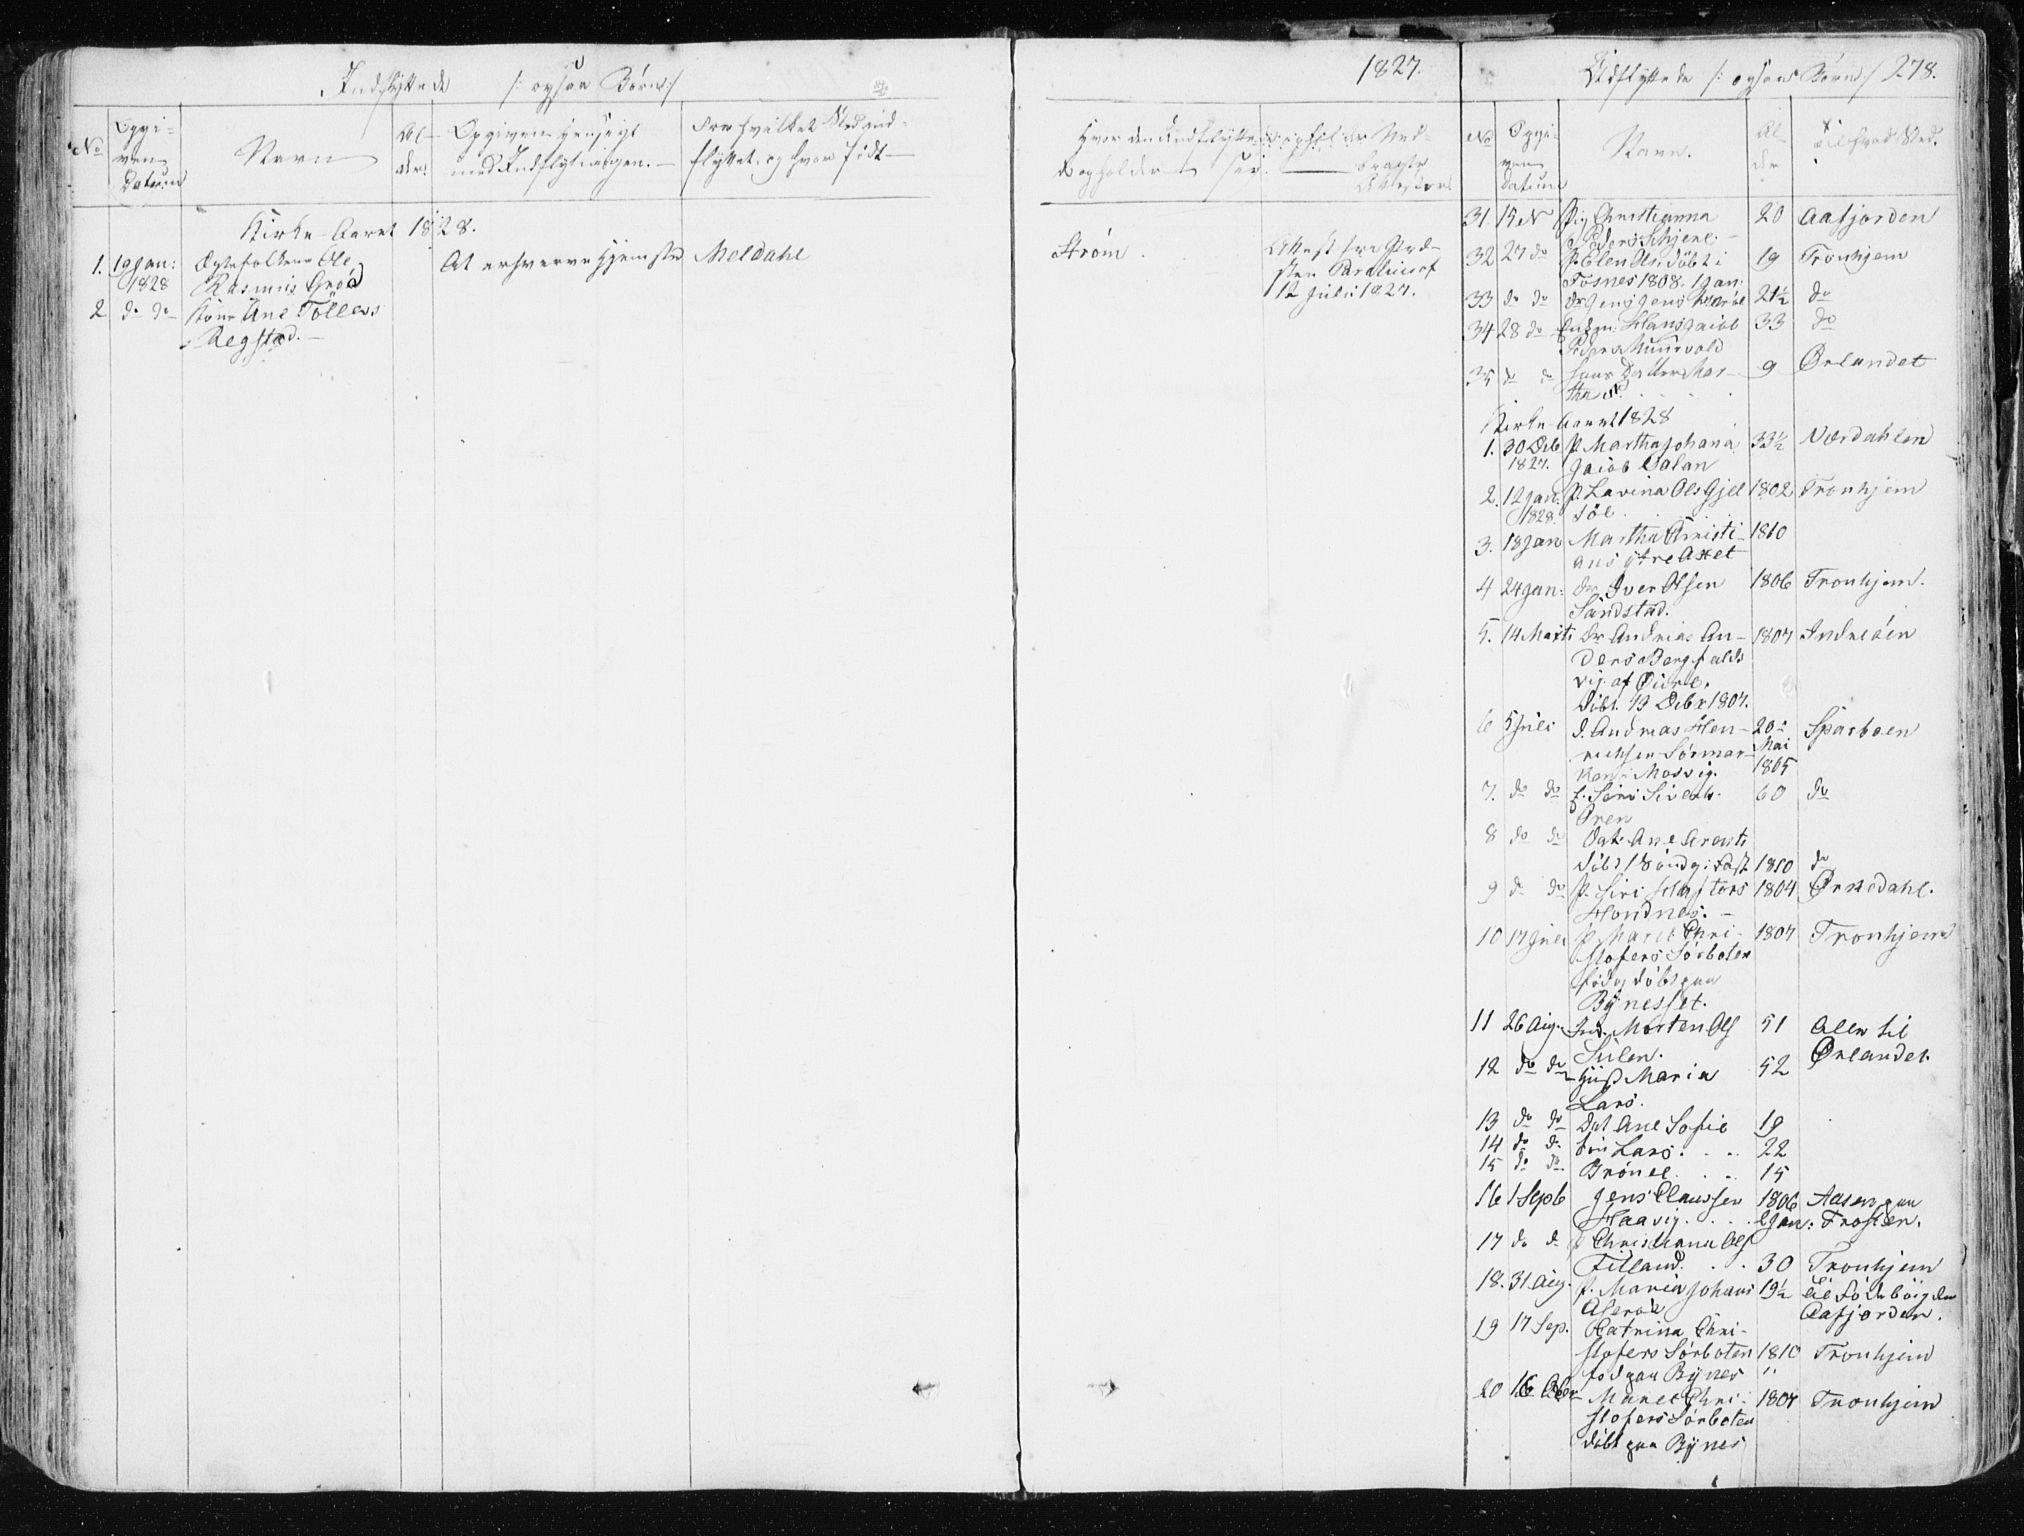 SAT, Ministerialprotokoller, klokkerbøker og fødselsregistre - Sør-Trøndelag, 634/L0528: Ministerialbok nr. 634A04, 1827-1842, s. 278